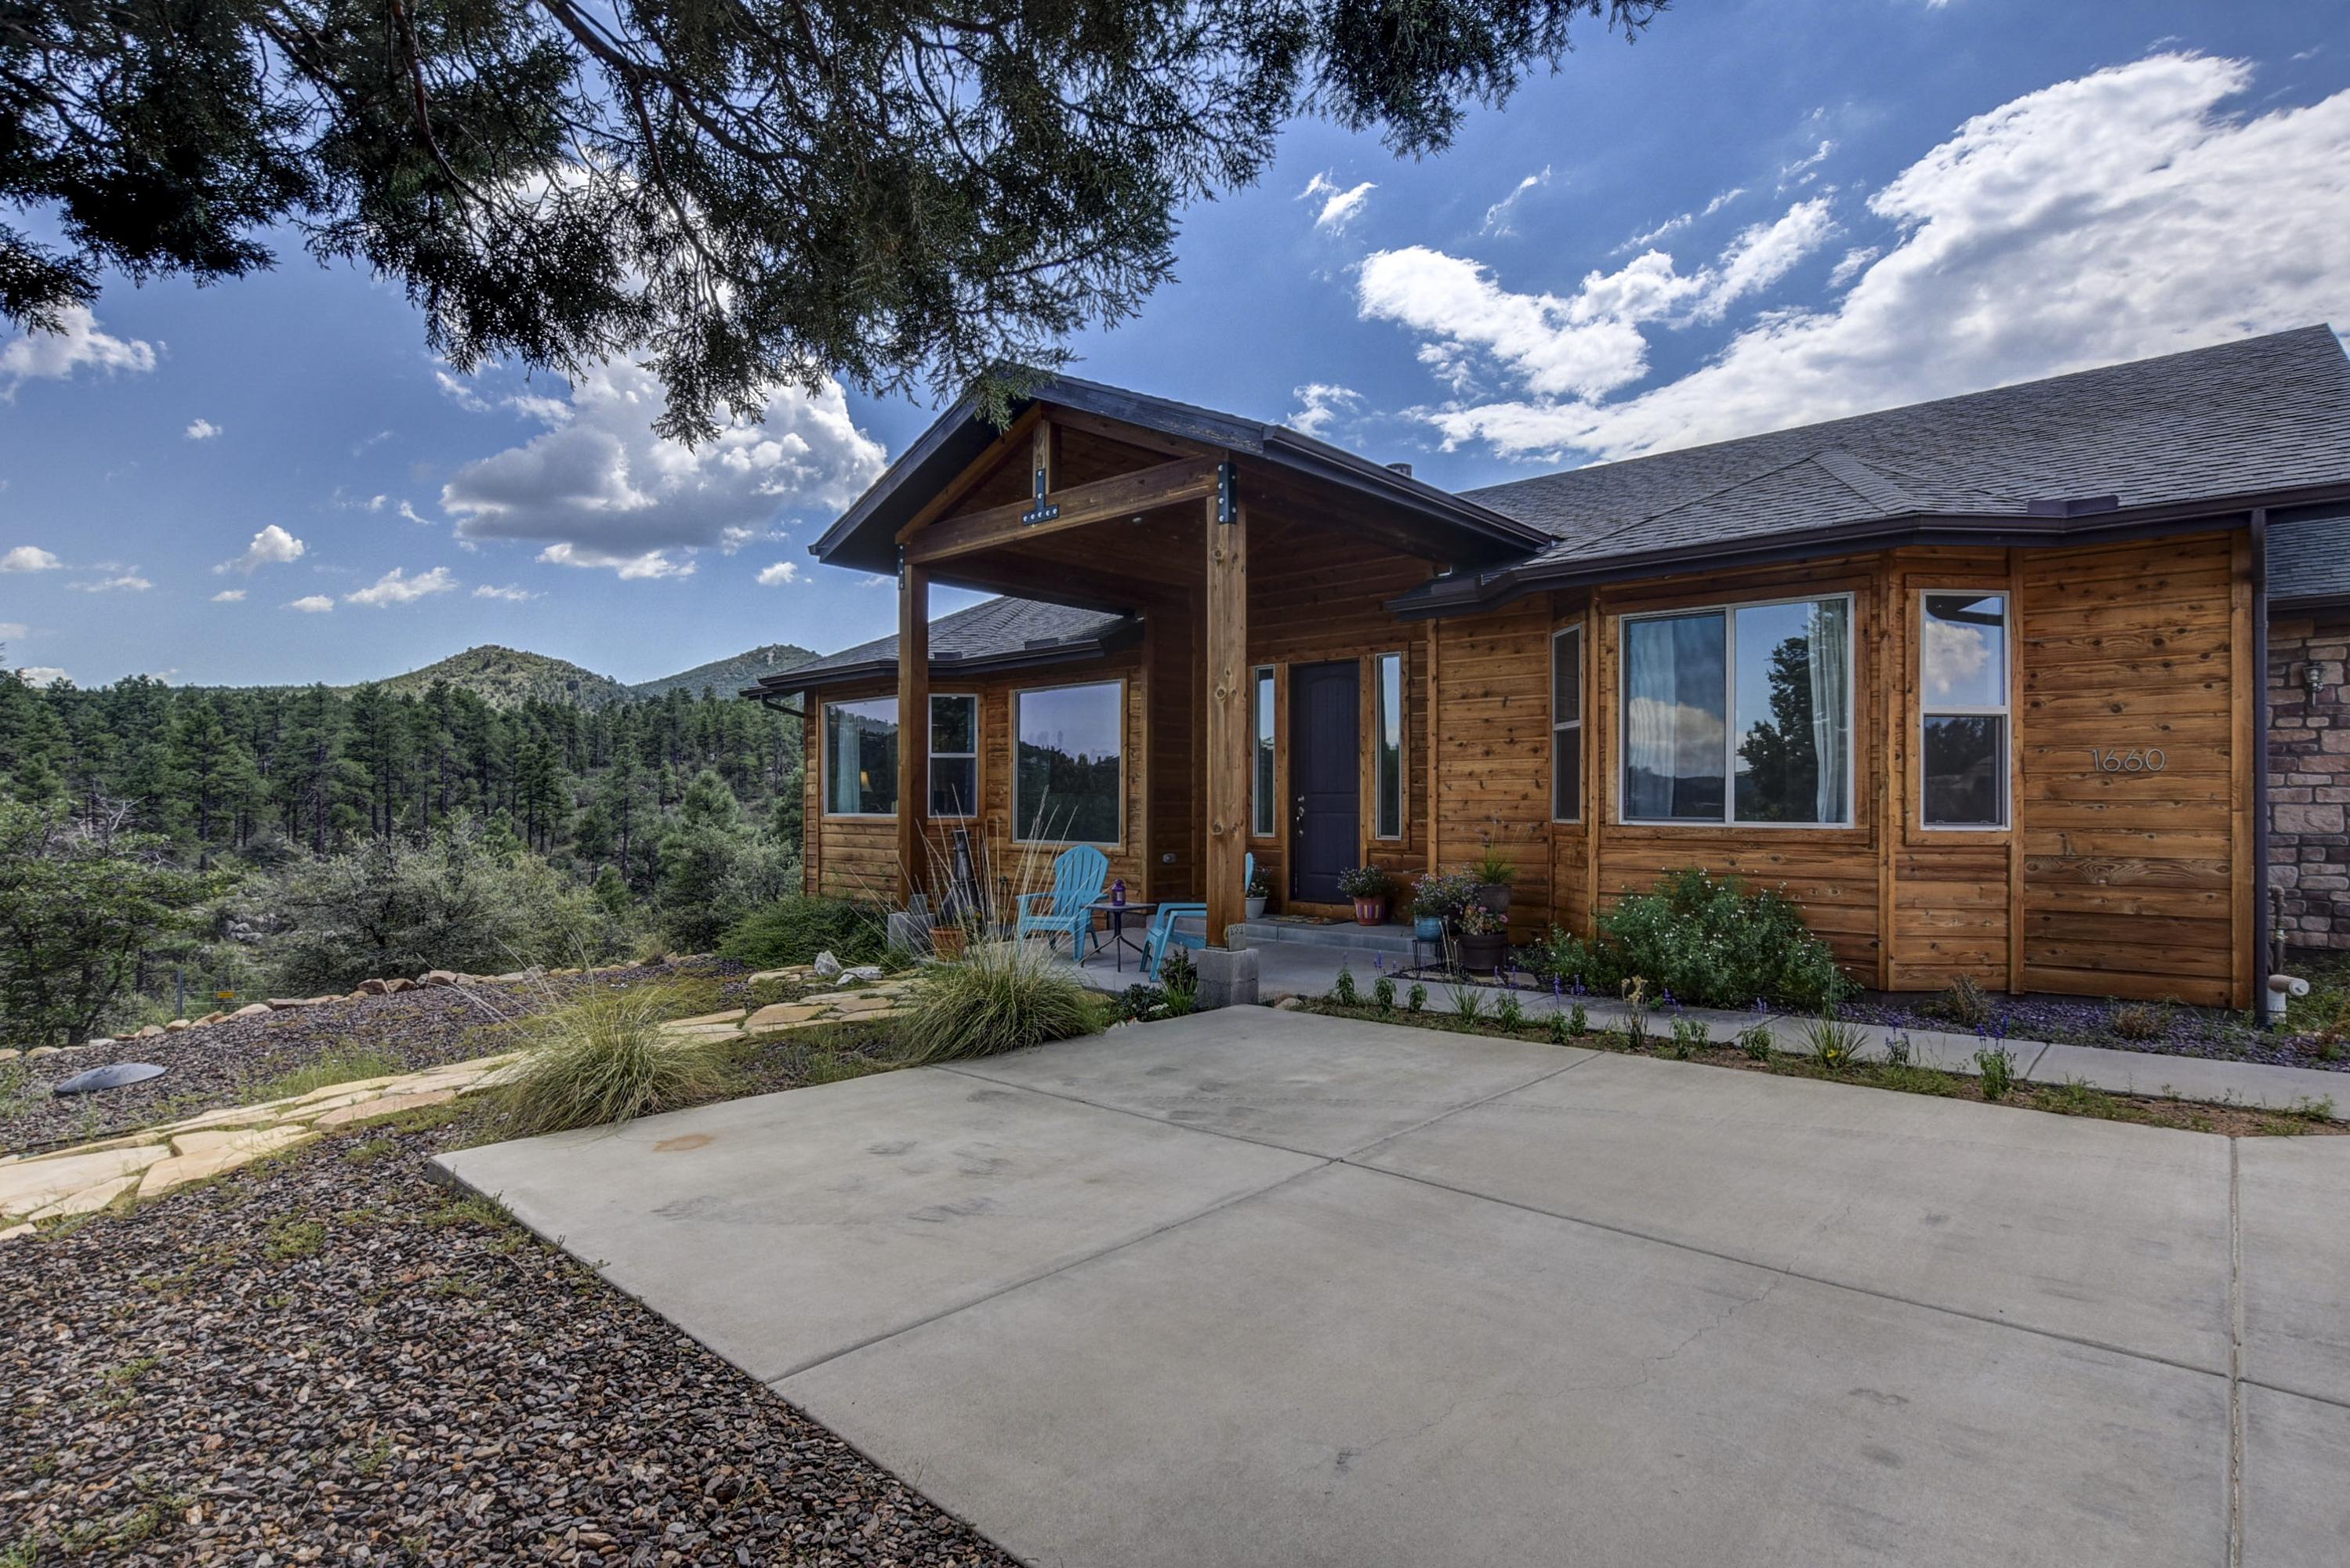 1660 S. City View Trail, Prescott, AZ 86303